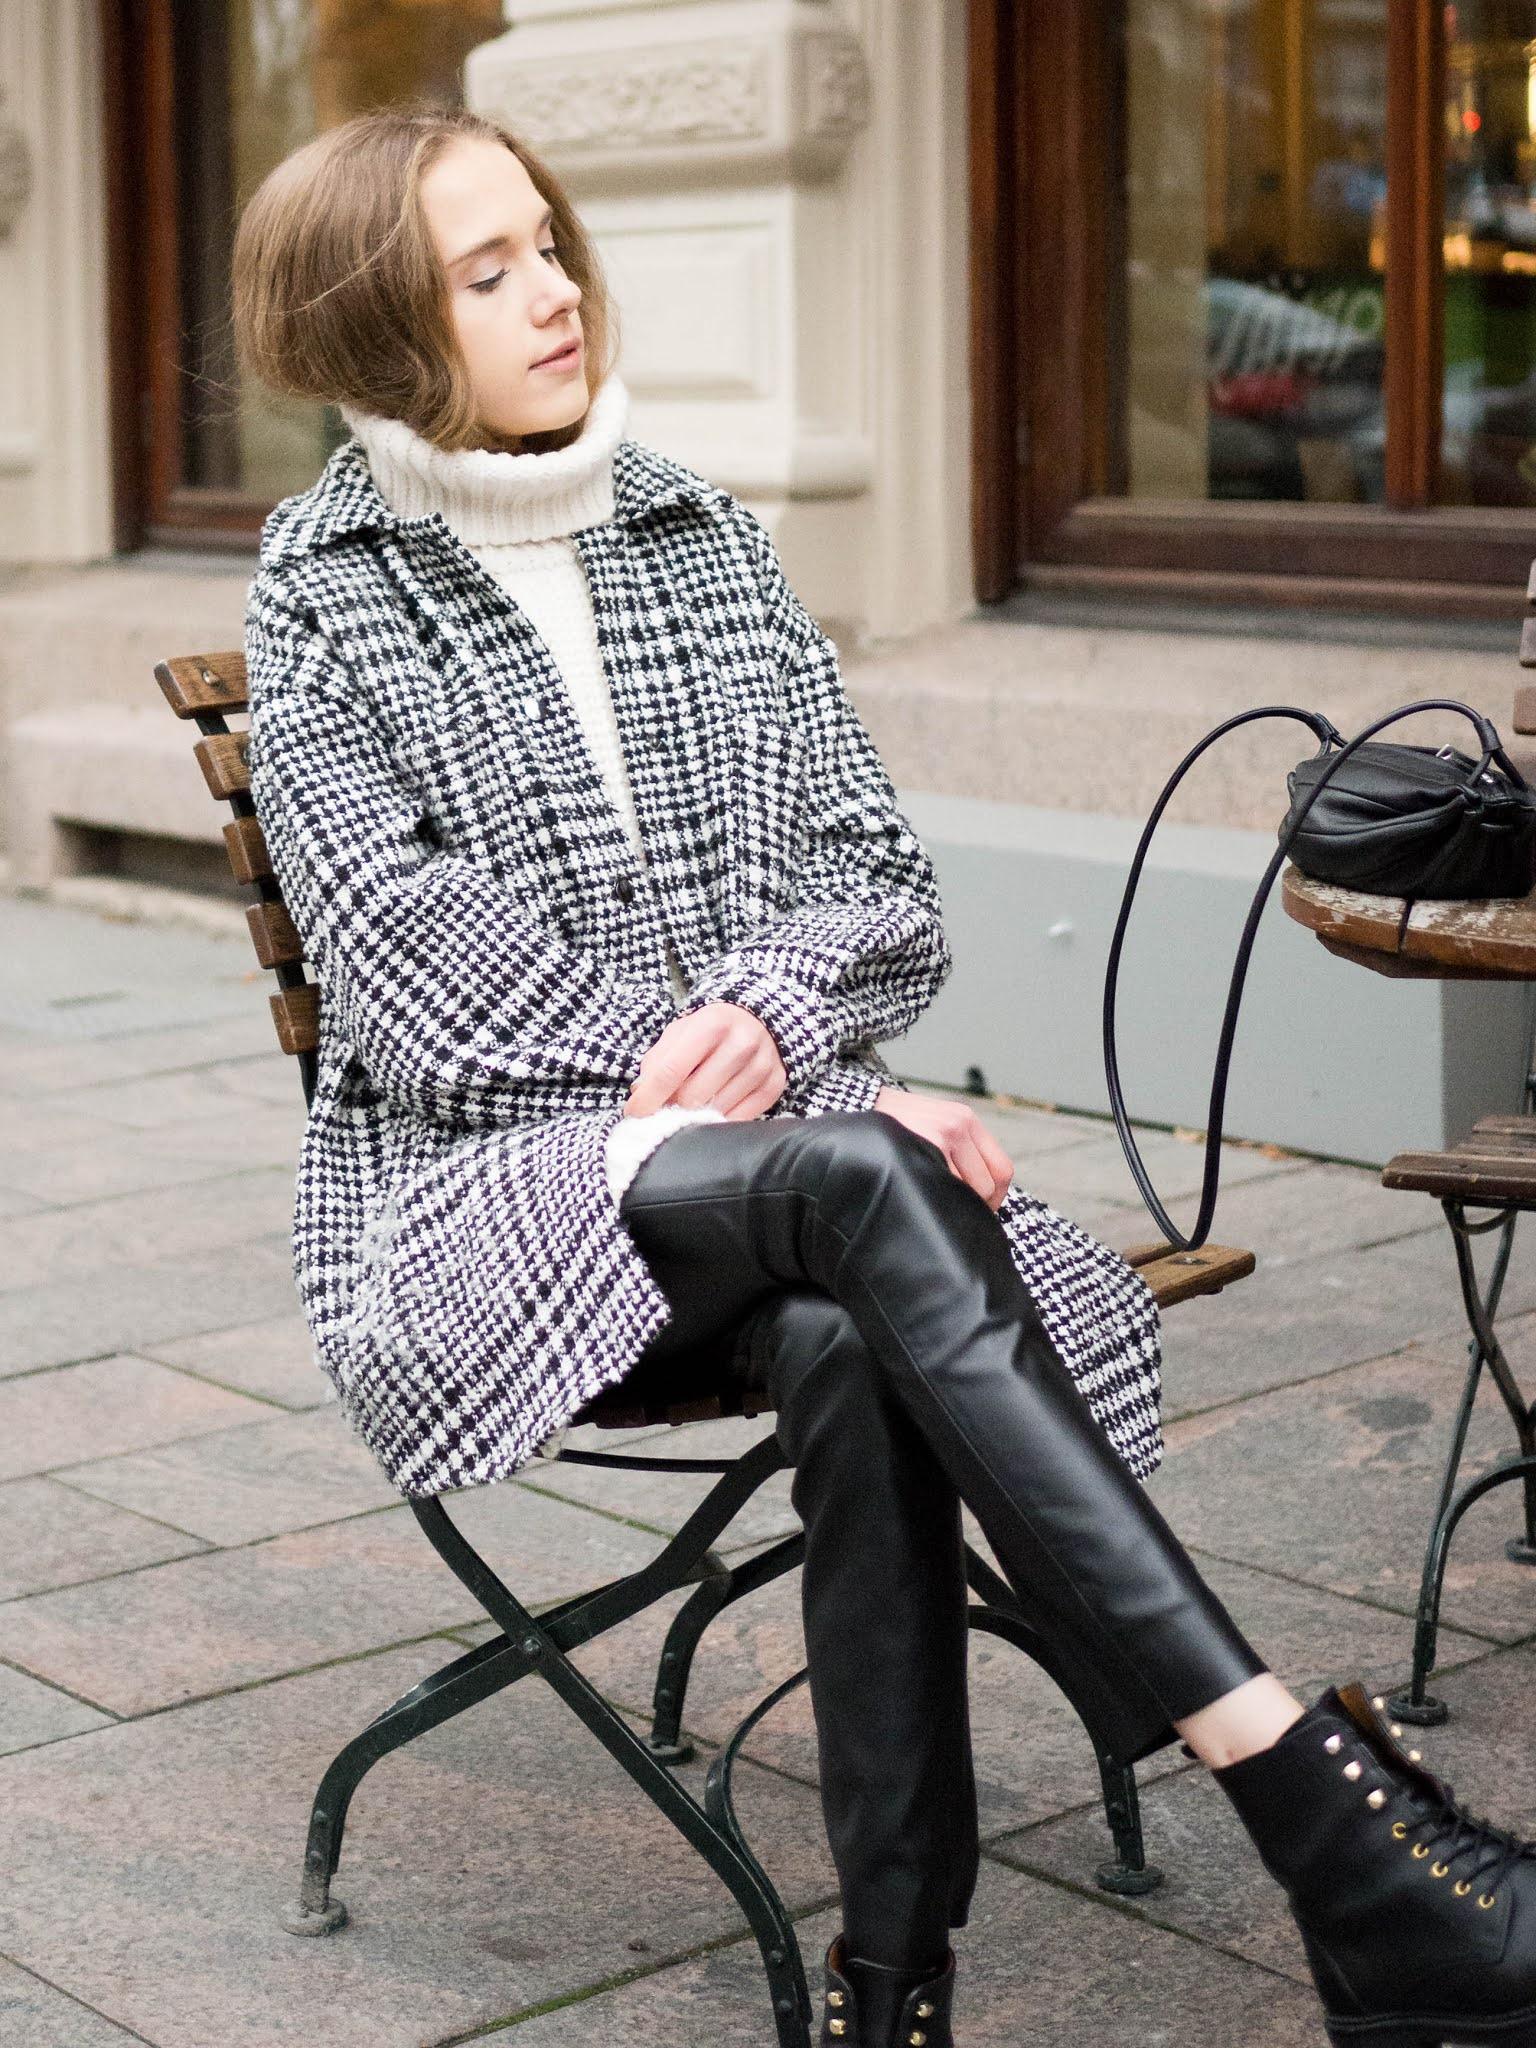 Mustavalkoinen asu, muotibloggaaja, Pohjoisesplanadi, Helsinki // Black and white outfit, fashion blogger